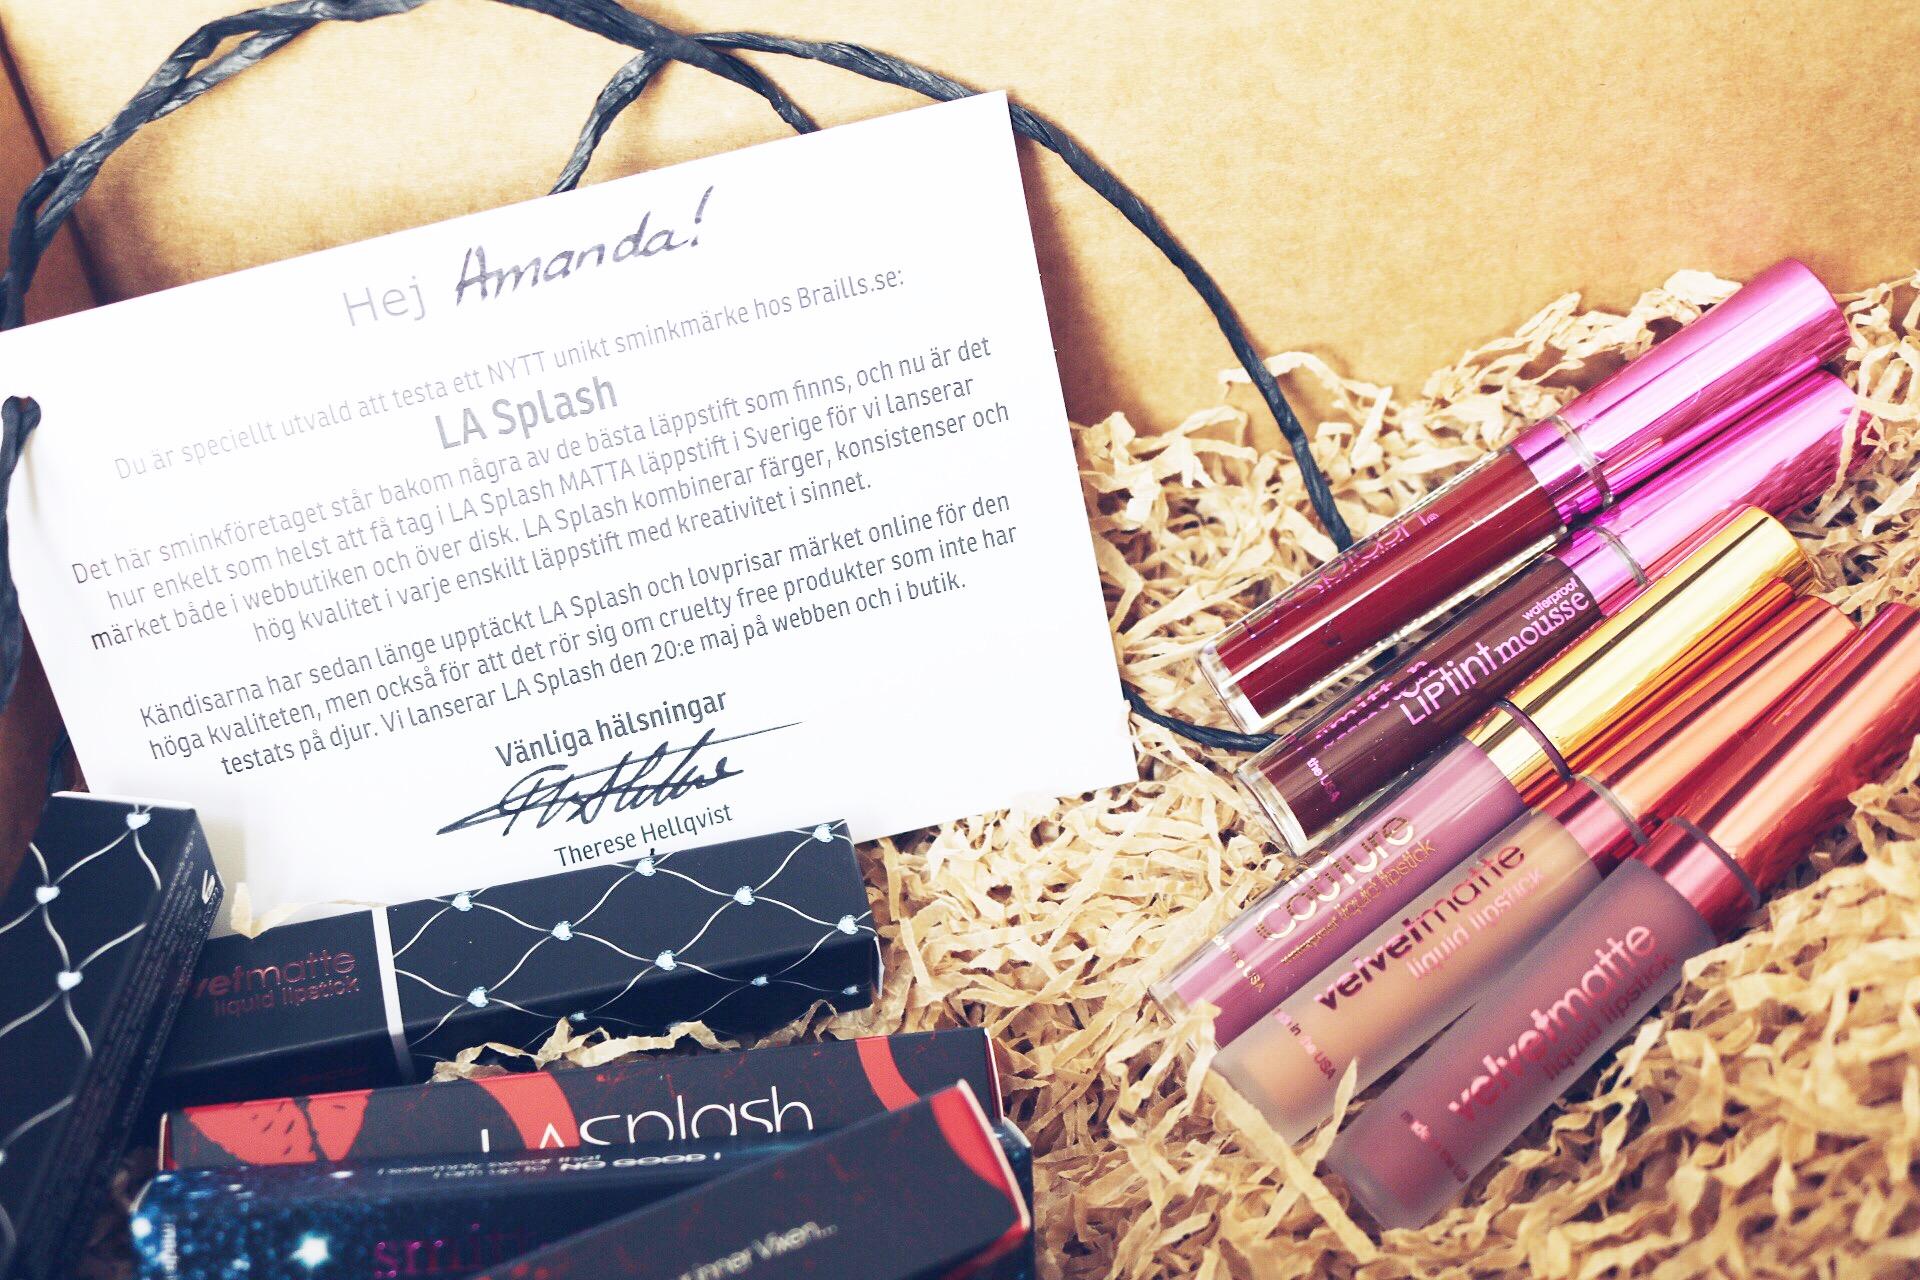 LA Splash flytande läppstift pressutskick amandahans skönhetsblogg matta läppstift kylie jenner